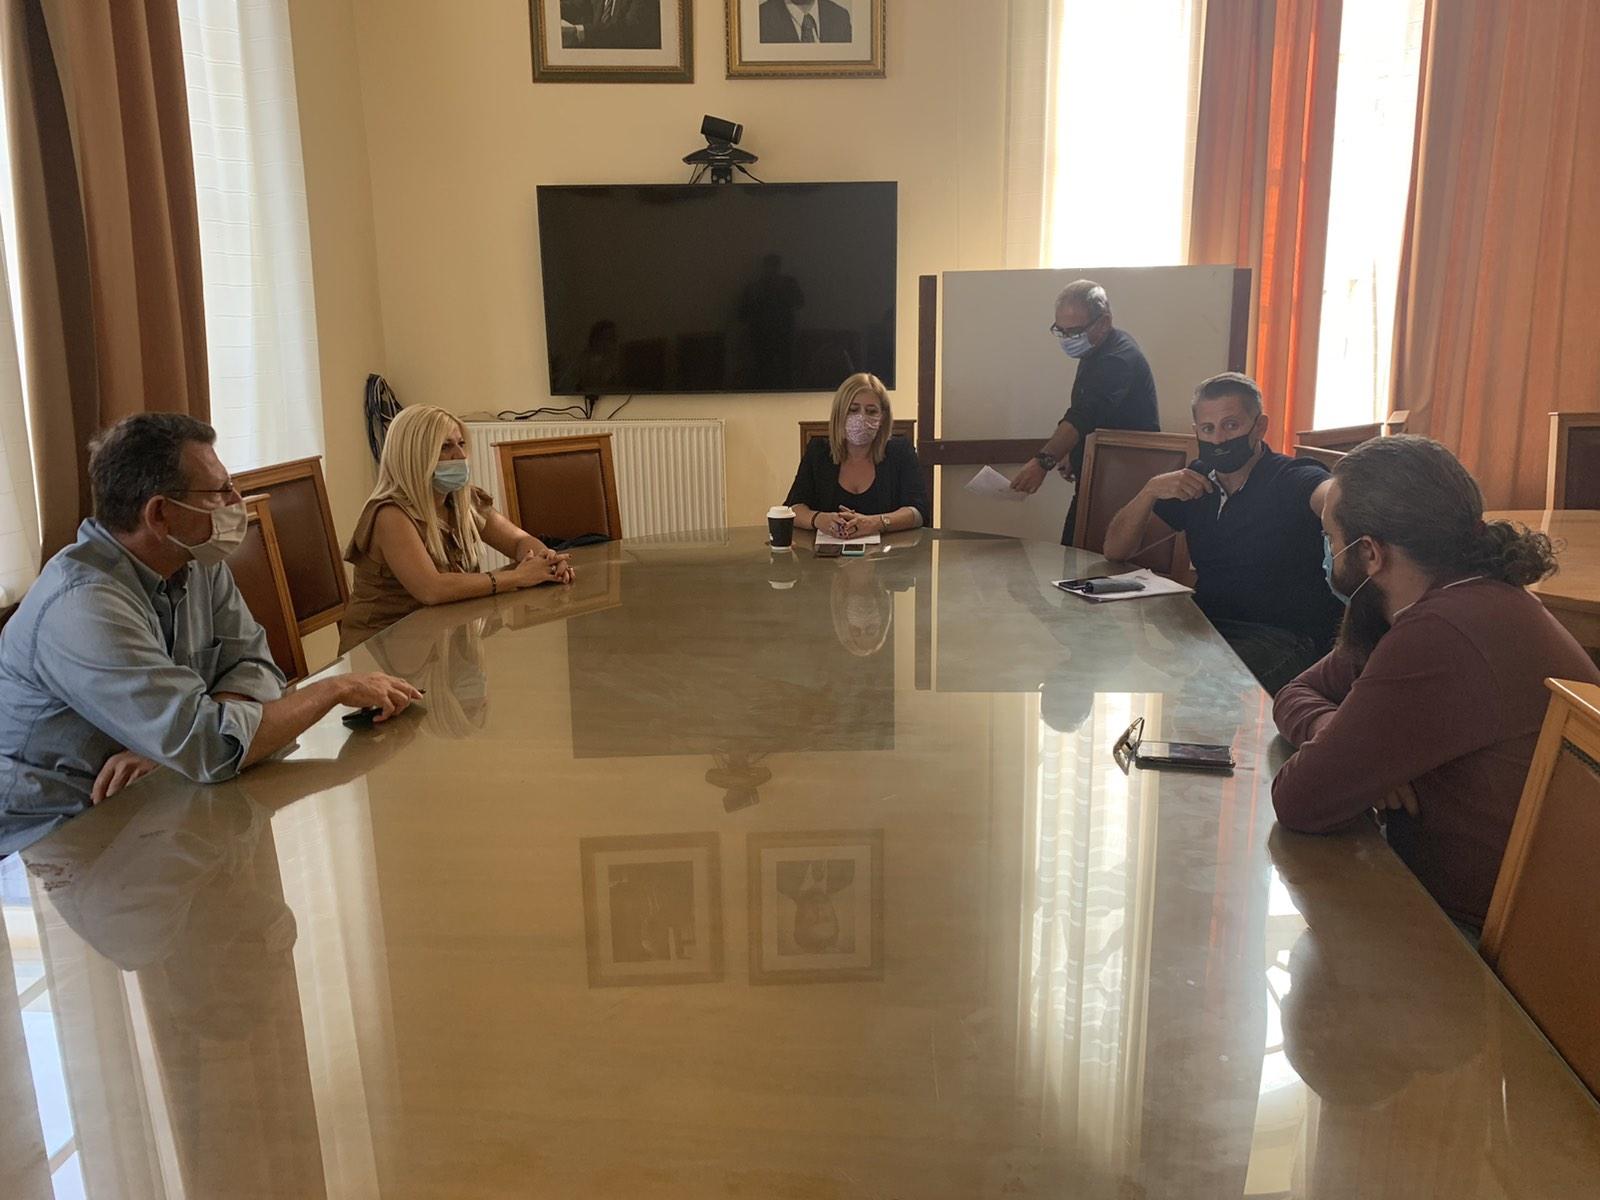 Σύσκεψη για το θέμα πραγματοποιήθηκε στο Δήμο Ηρακλείου